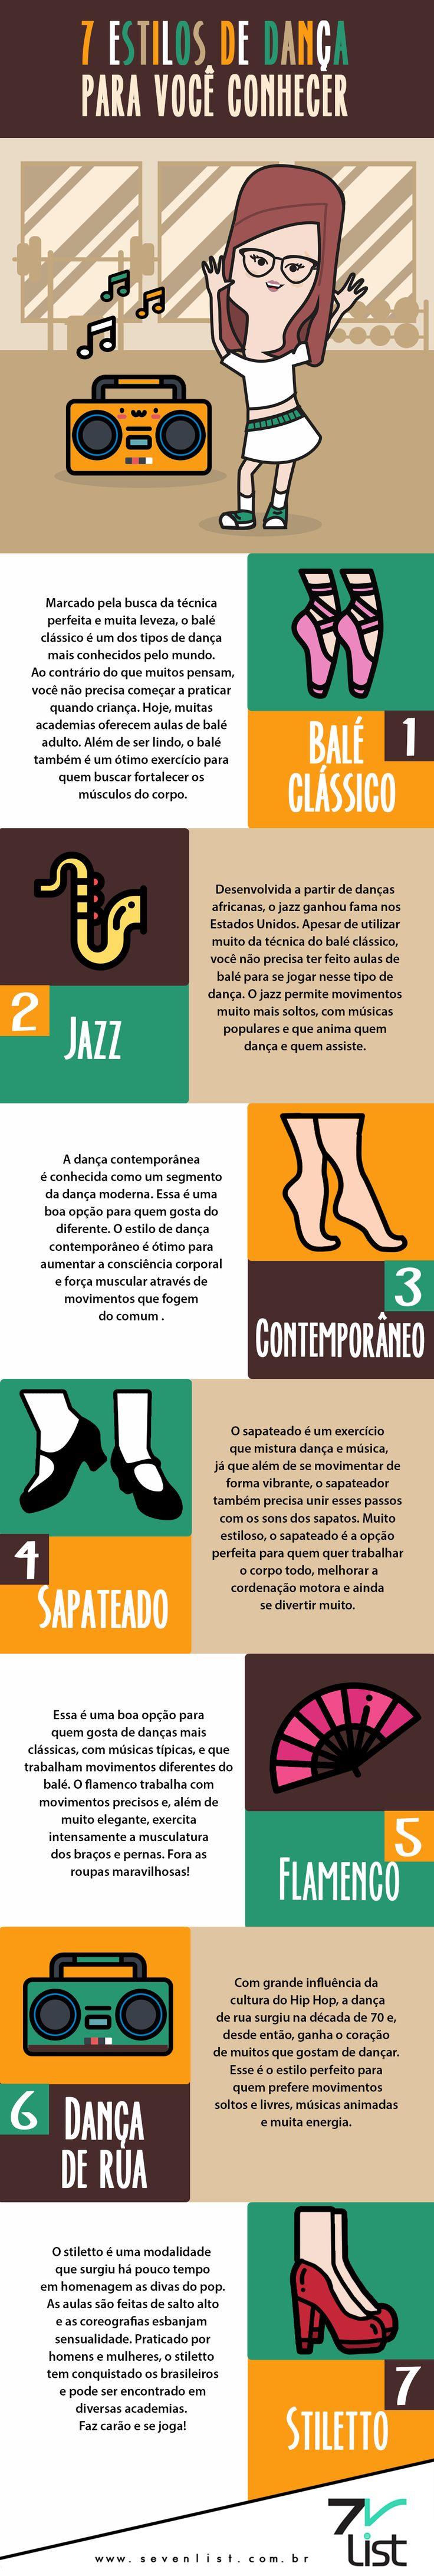 A dança é uma atividade realmente incrível. Além de mexer com todo o corpo, ela também traz a sensação de bem-estar. Pensando nisso o Seven List separou uma lista super especial com 7 estilos de dança para você conhecer. #SevenList #Ilustração #Infográfico #Desenho #Dançar #Danças #Ritmos #Música #Corpo #Saúde #Atividadefísica #Baléclássico #Jazz #Contemporâneo #Sapateado #Flamenco #Dançaderua #Stiletto #Movimento